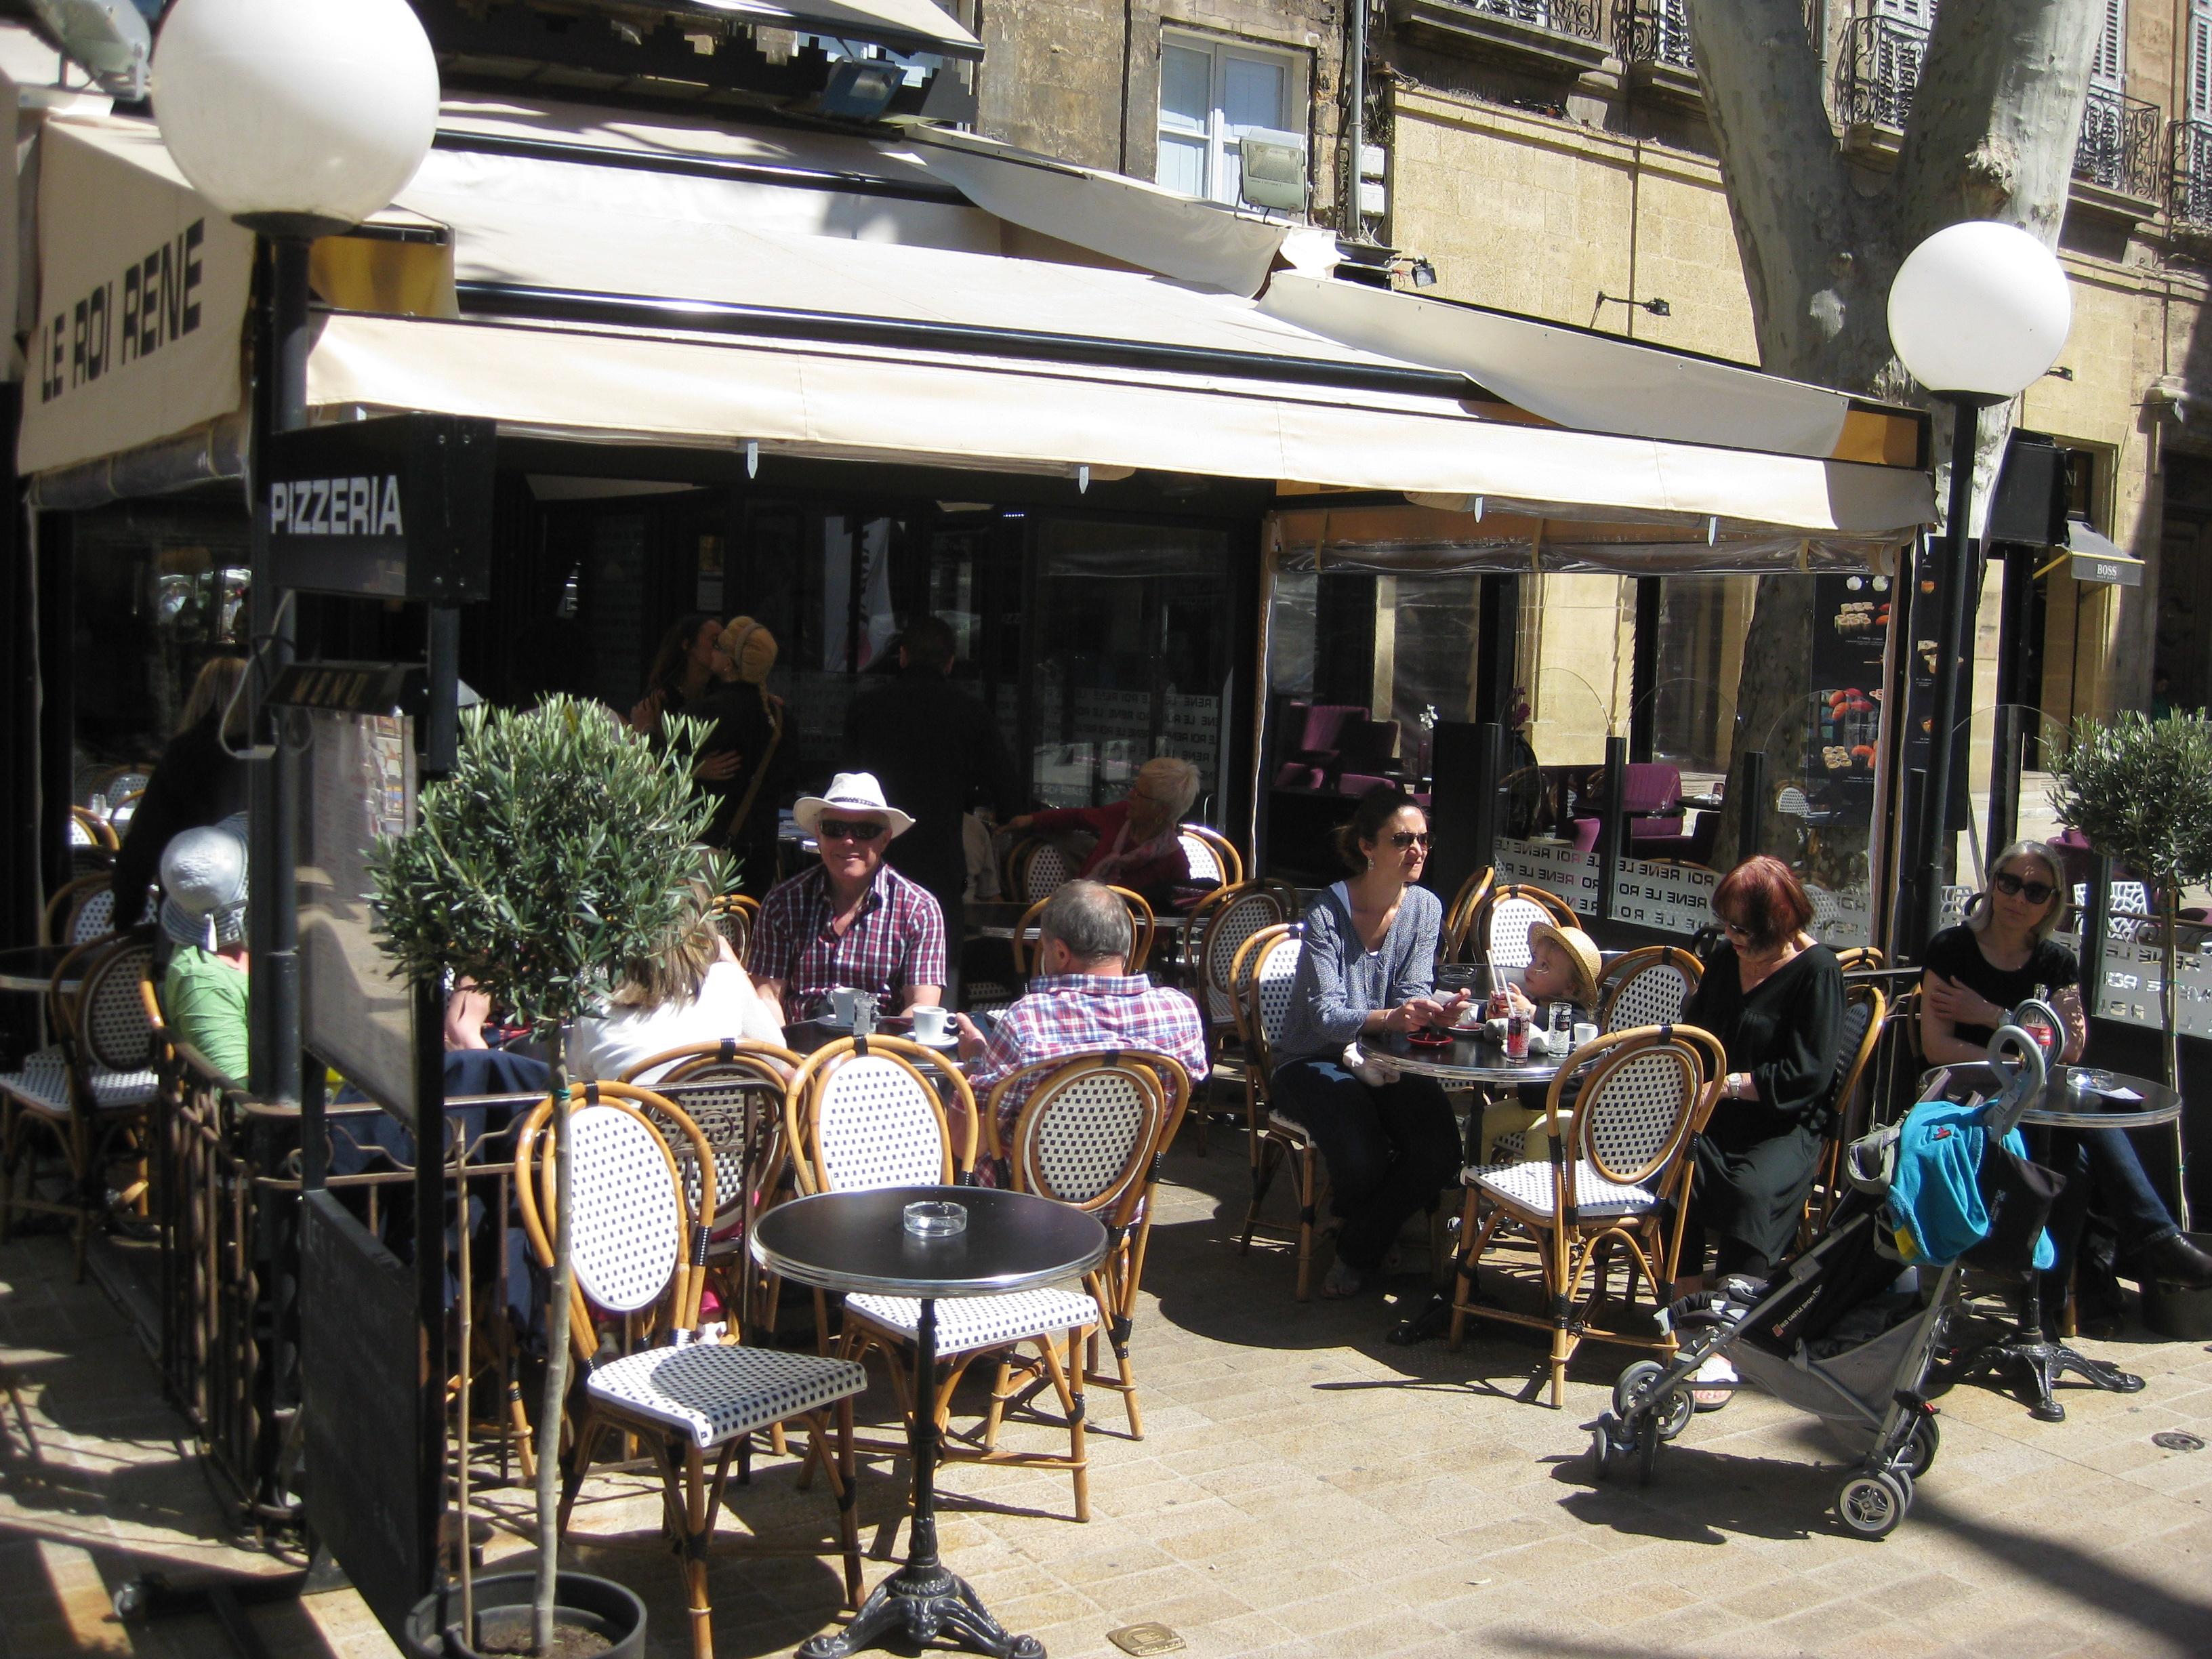 Le roi ren restaurant aix en provence for Restaurant poisson salon de provence